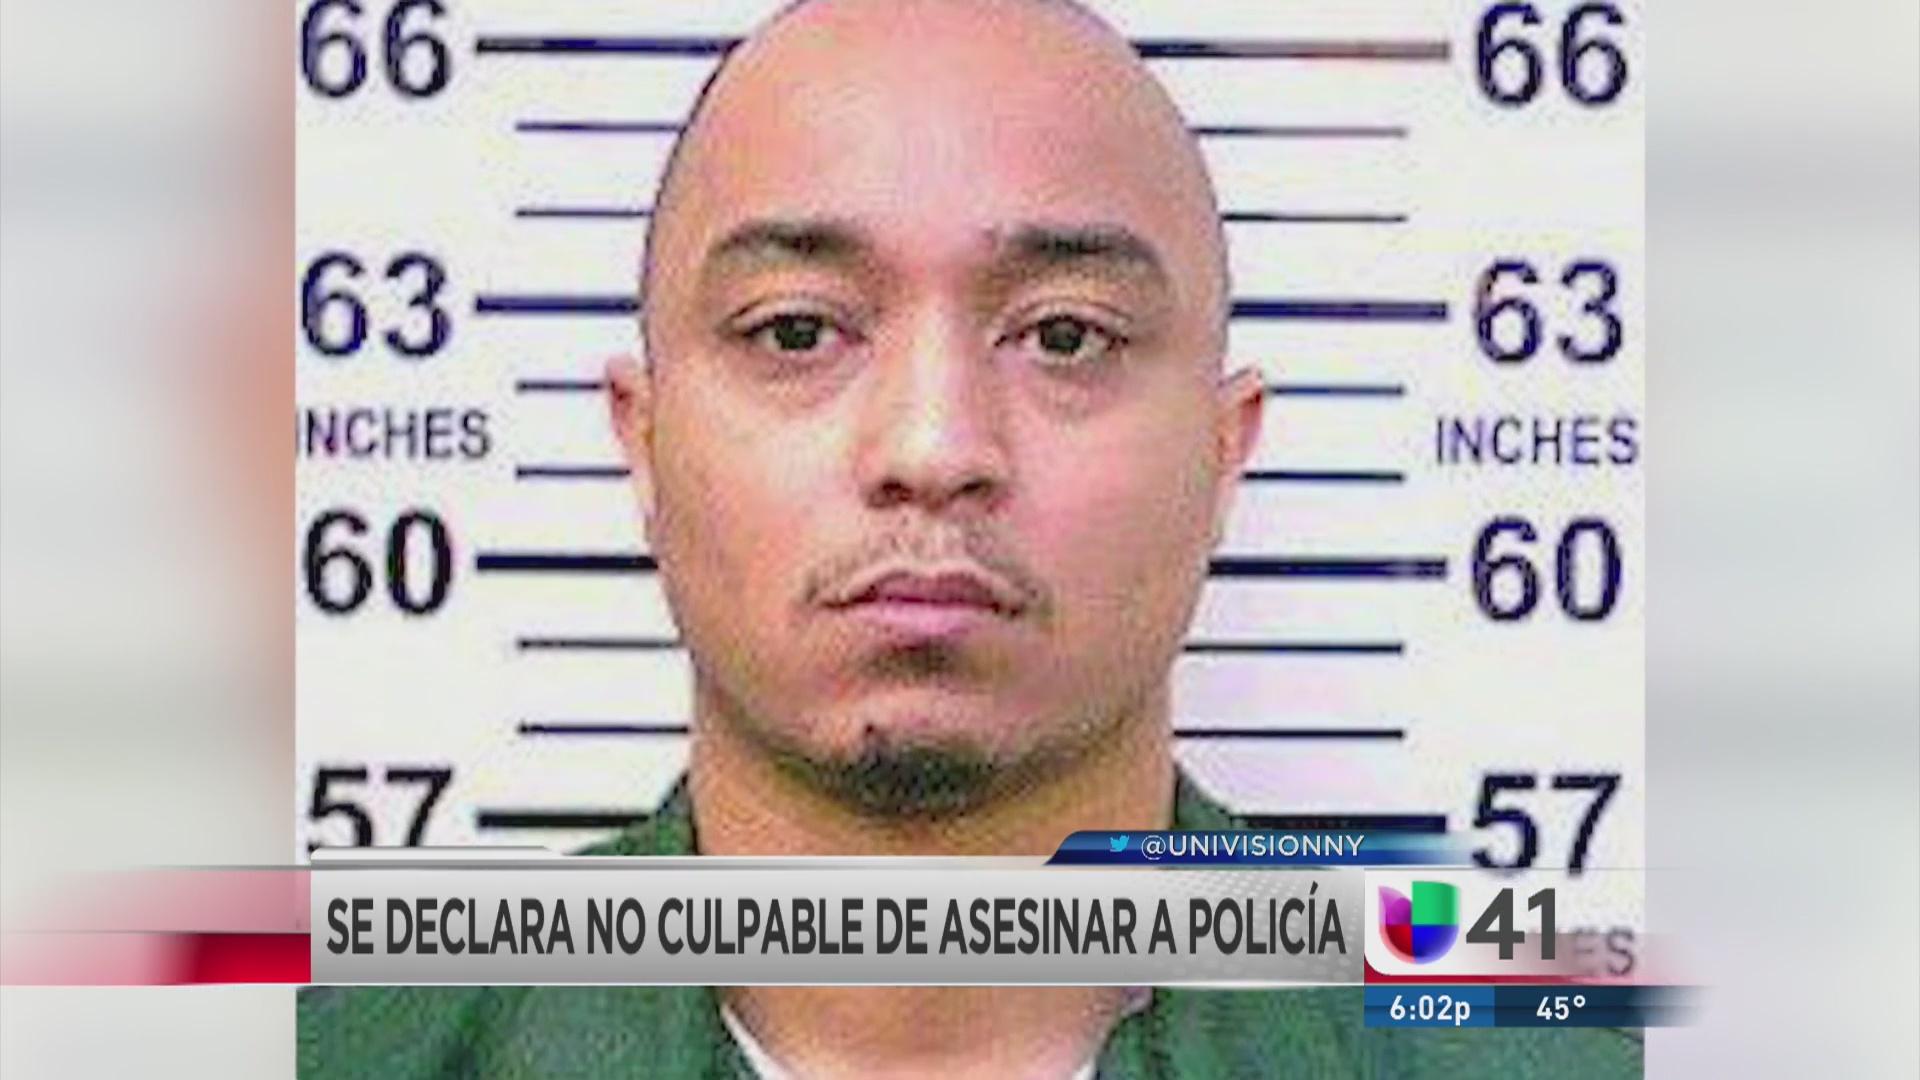 Acusado de matar al policía Randolph Holder se declara no culpable